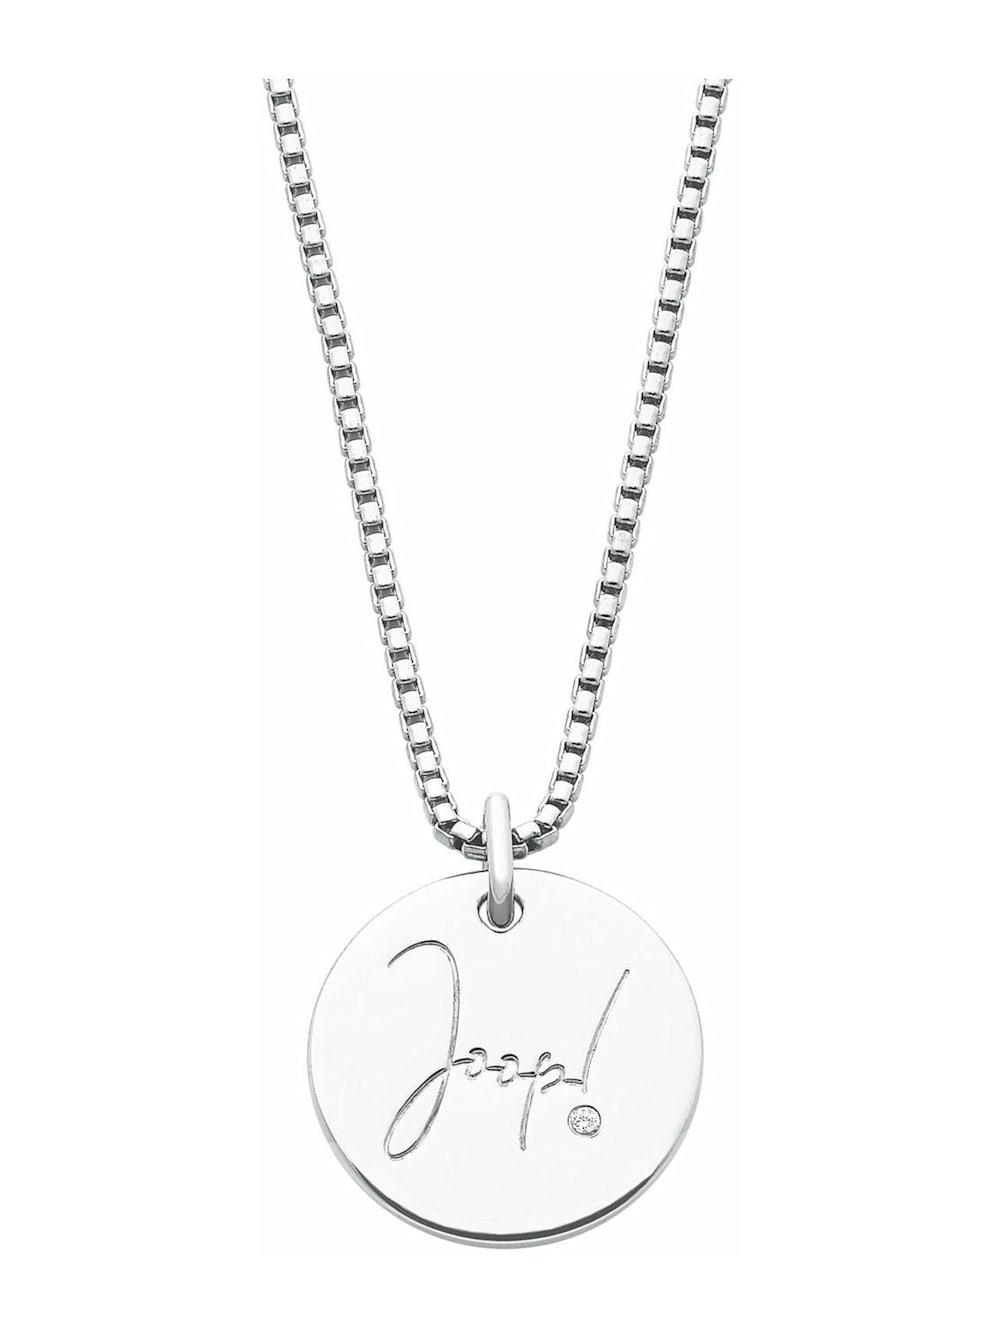 JOOP! Kette mit Anhänger für Damen, Silber 925 mit Zirkonia | Alba Moda